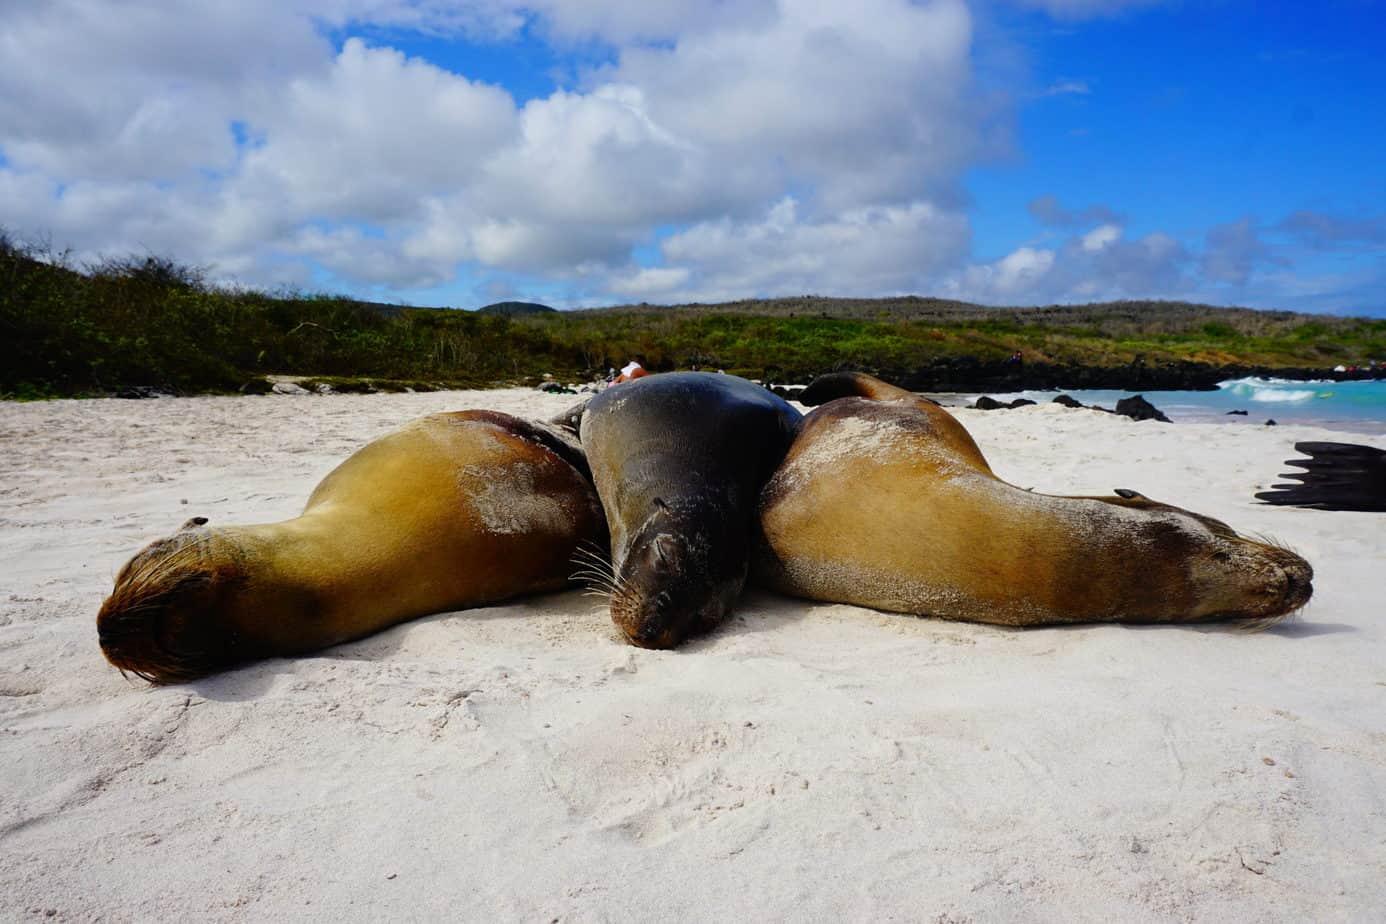 Den Strand teilen sich Seehunde mit Menschen. Wer hier ins Wasser geht, der schwimmt mit den flinken Tieren.